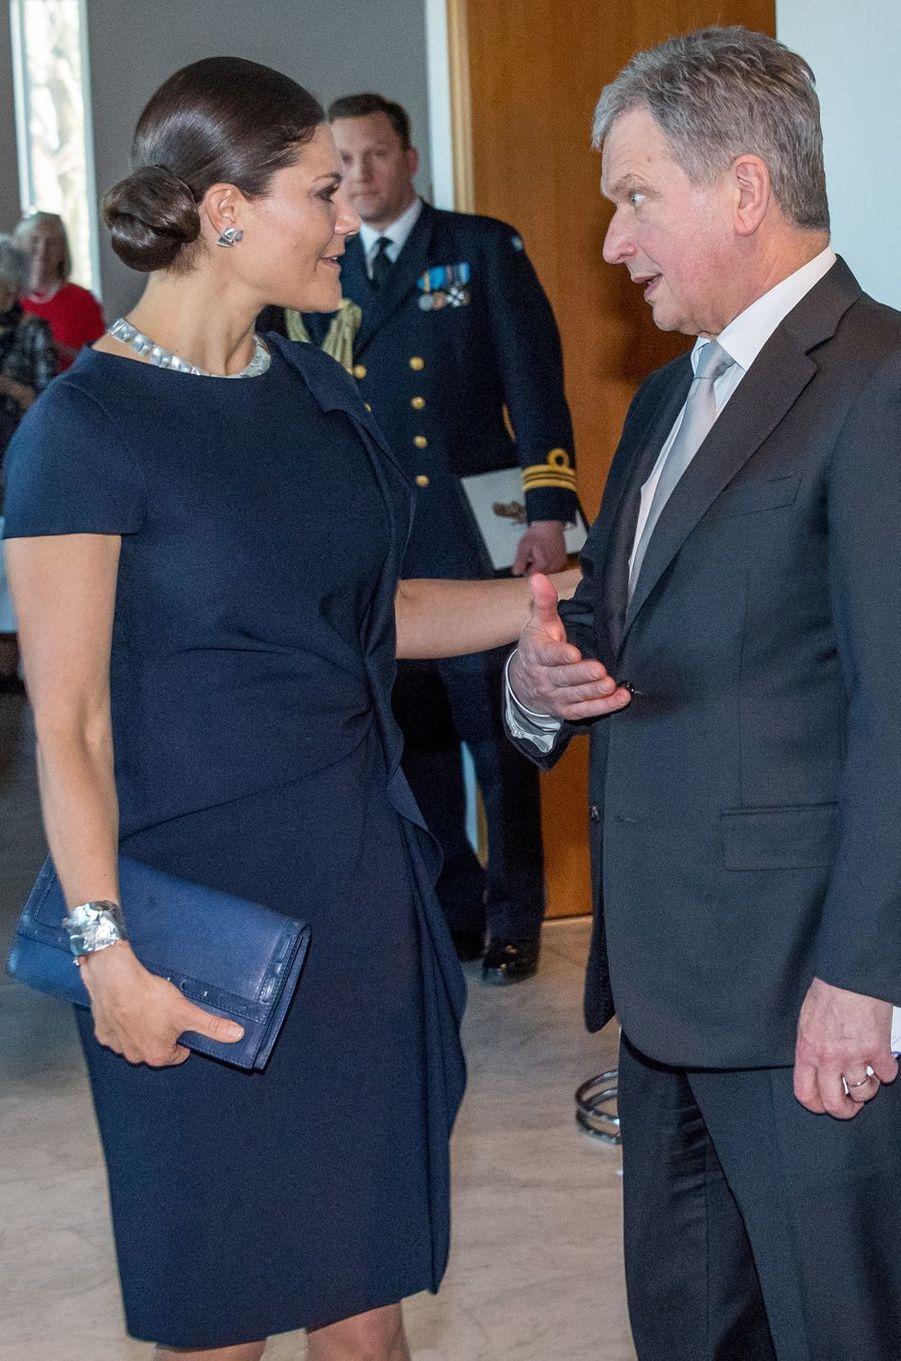 La princesse Victoria de Suède avec le président finlandais Sauli Niinistö à Stockholm, le 13 mars 2017